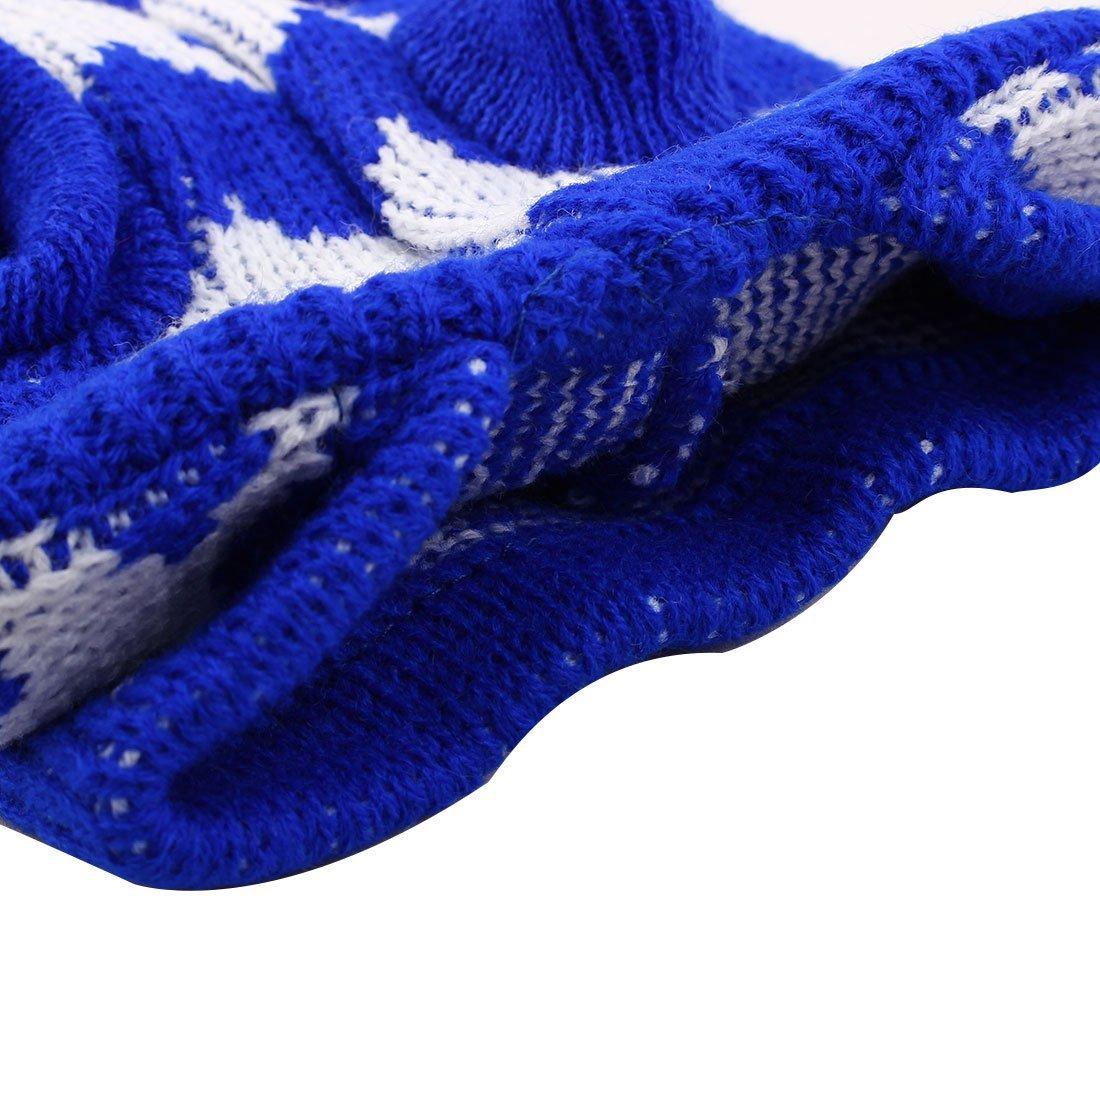 Amazon.com : eDealMax Patrón Estrella de Lana Para mascotas de peluche de Punto Escudo Suéter Caliente la ropa de invierno ropa de vestuario : Pet Supplies